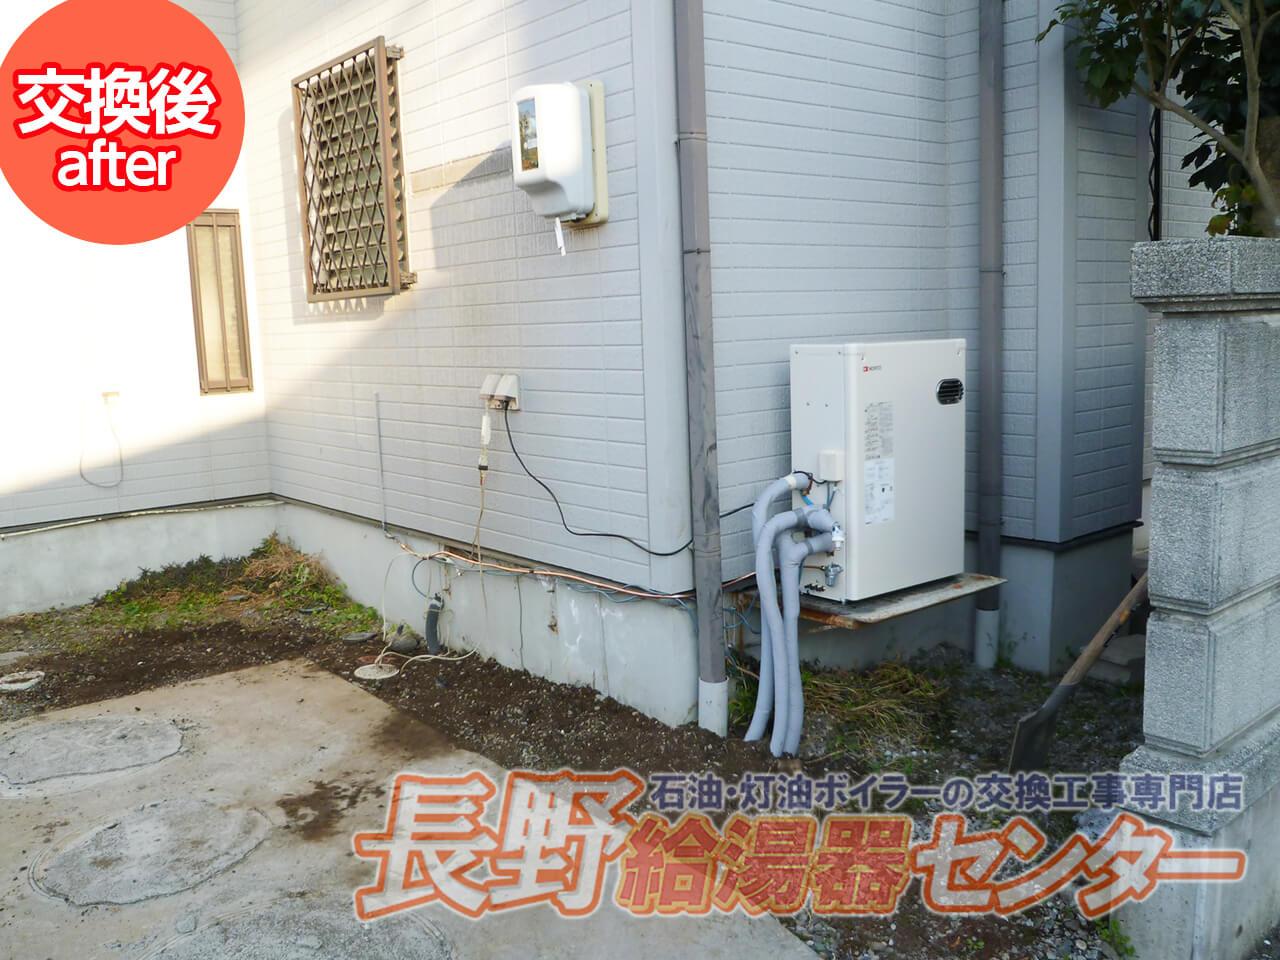 松本市 OTQ-3101SAYからOTQ-4704SAYへ交換工事